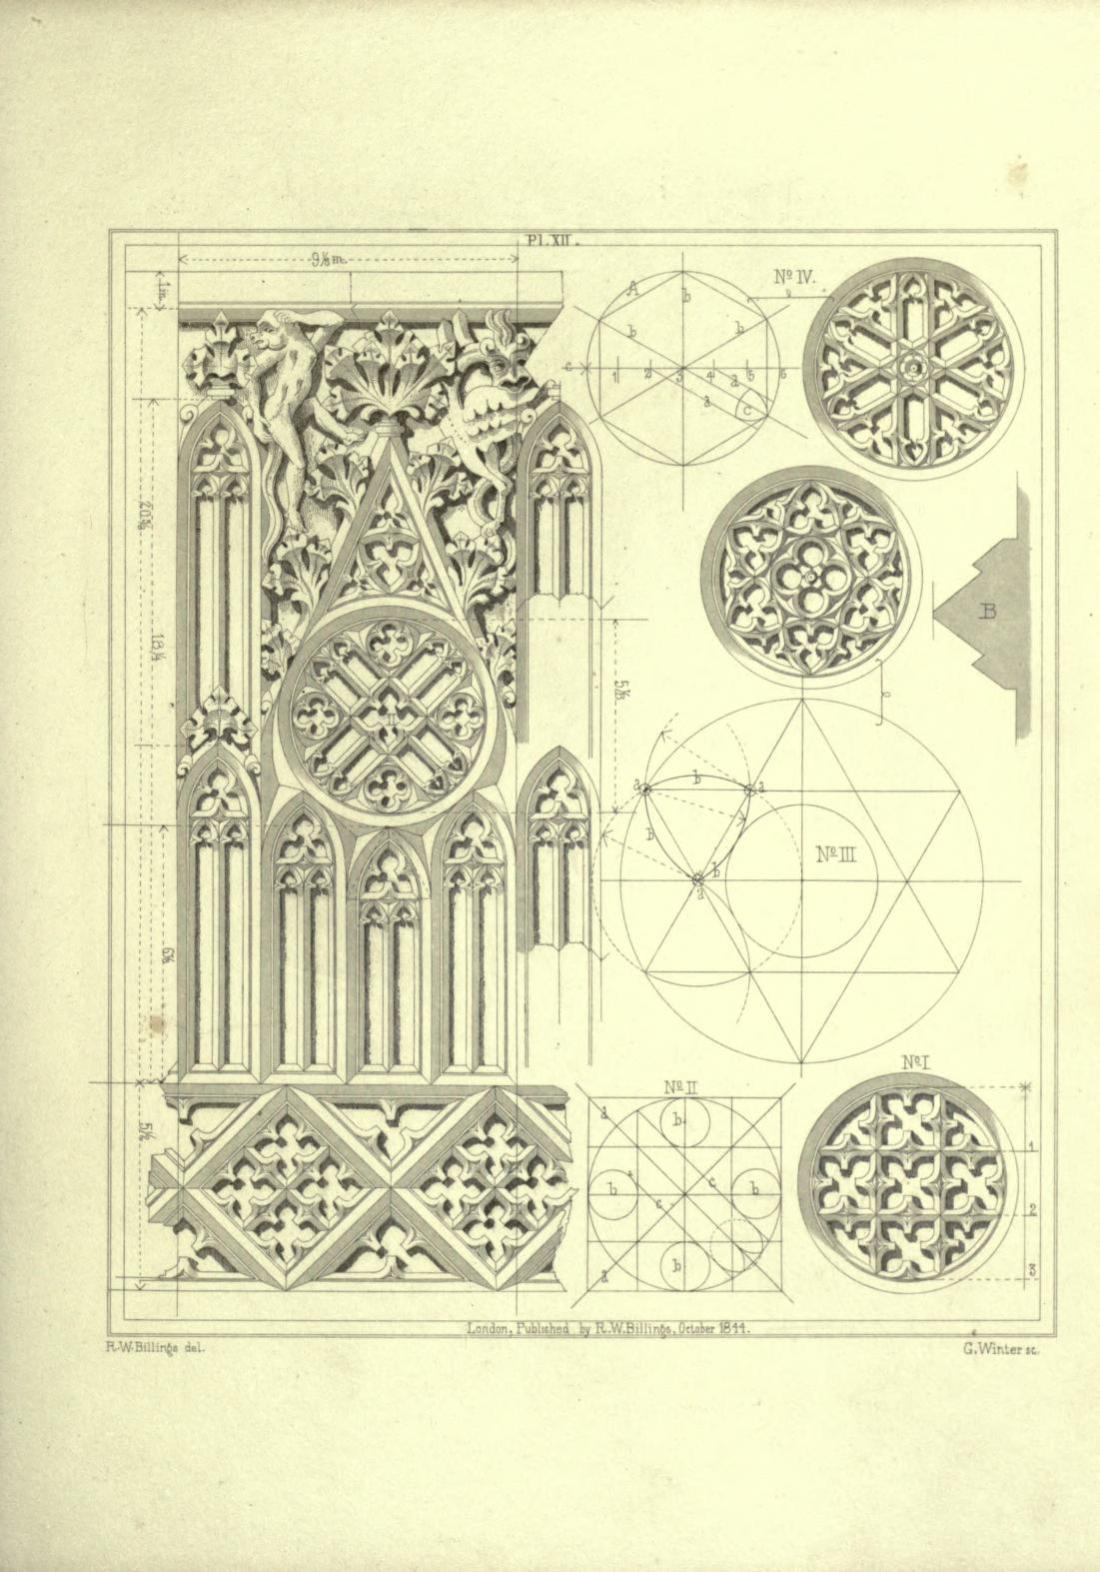 Plate XII. Figures I-IV.